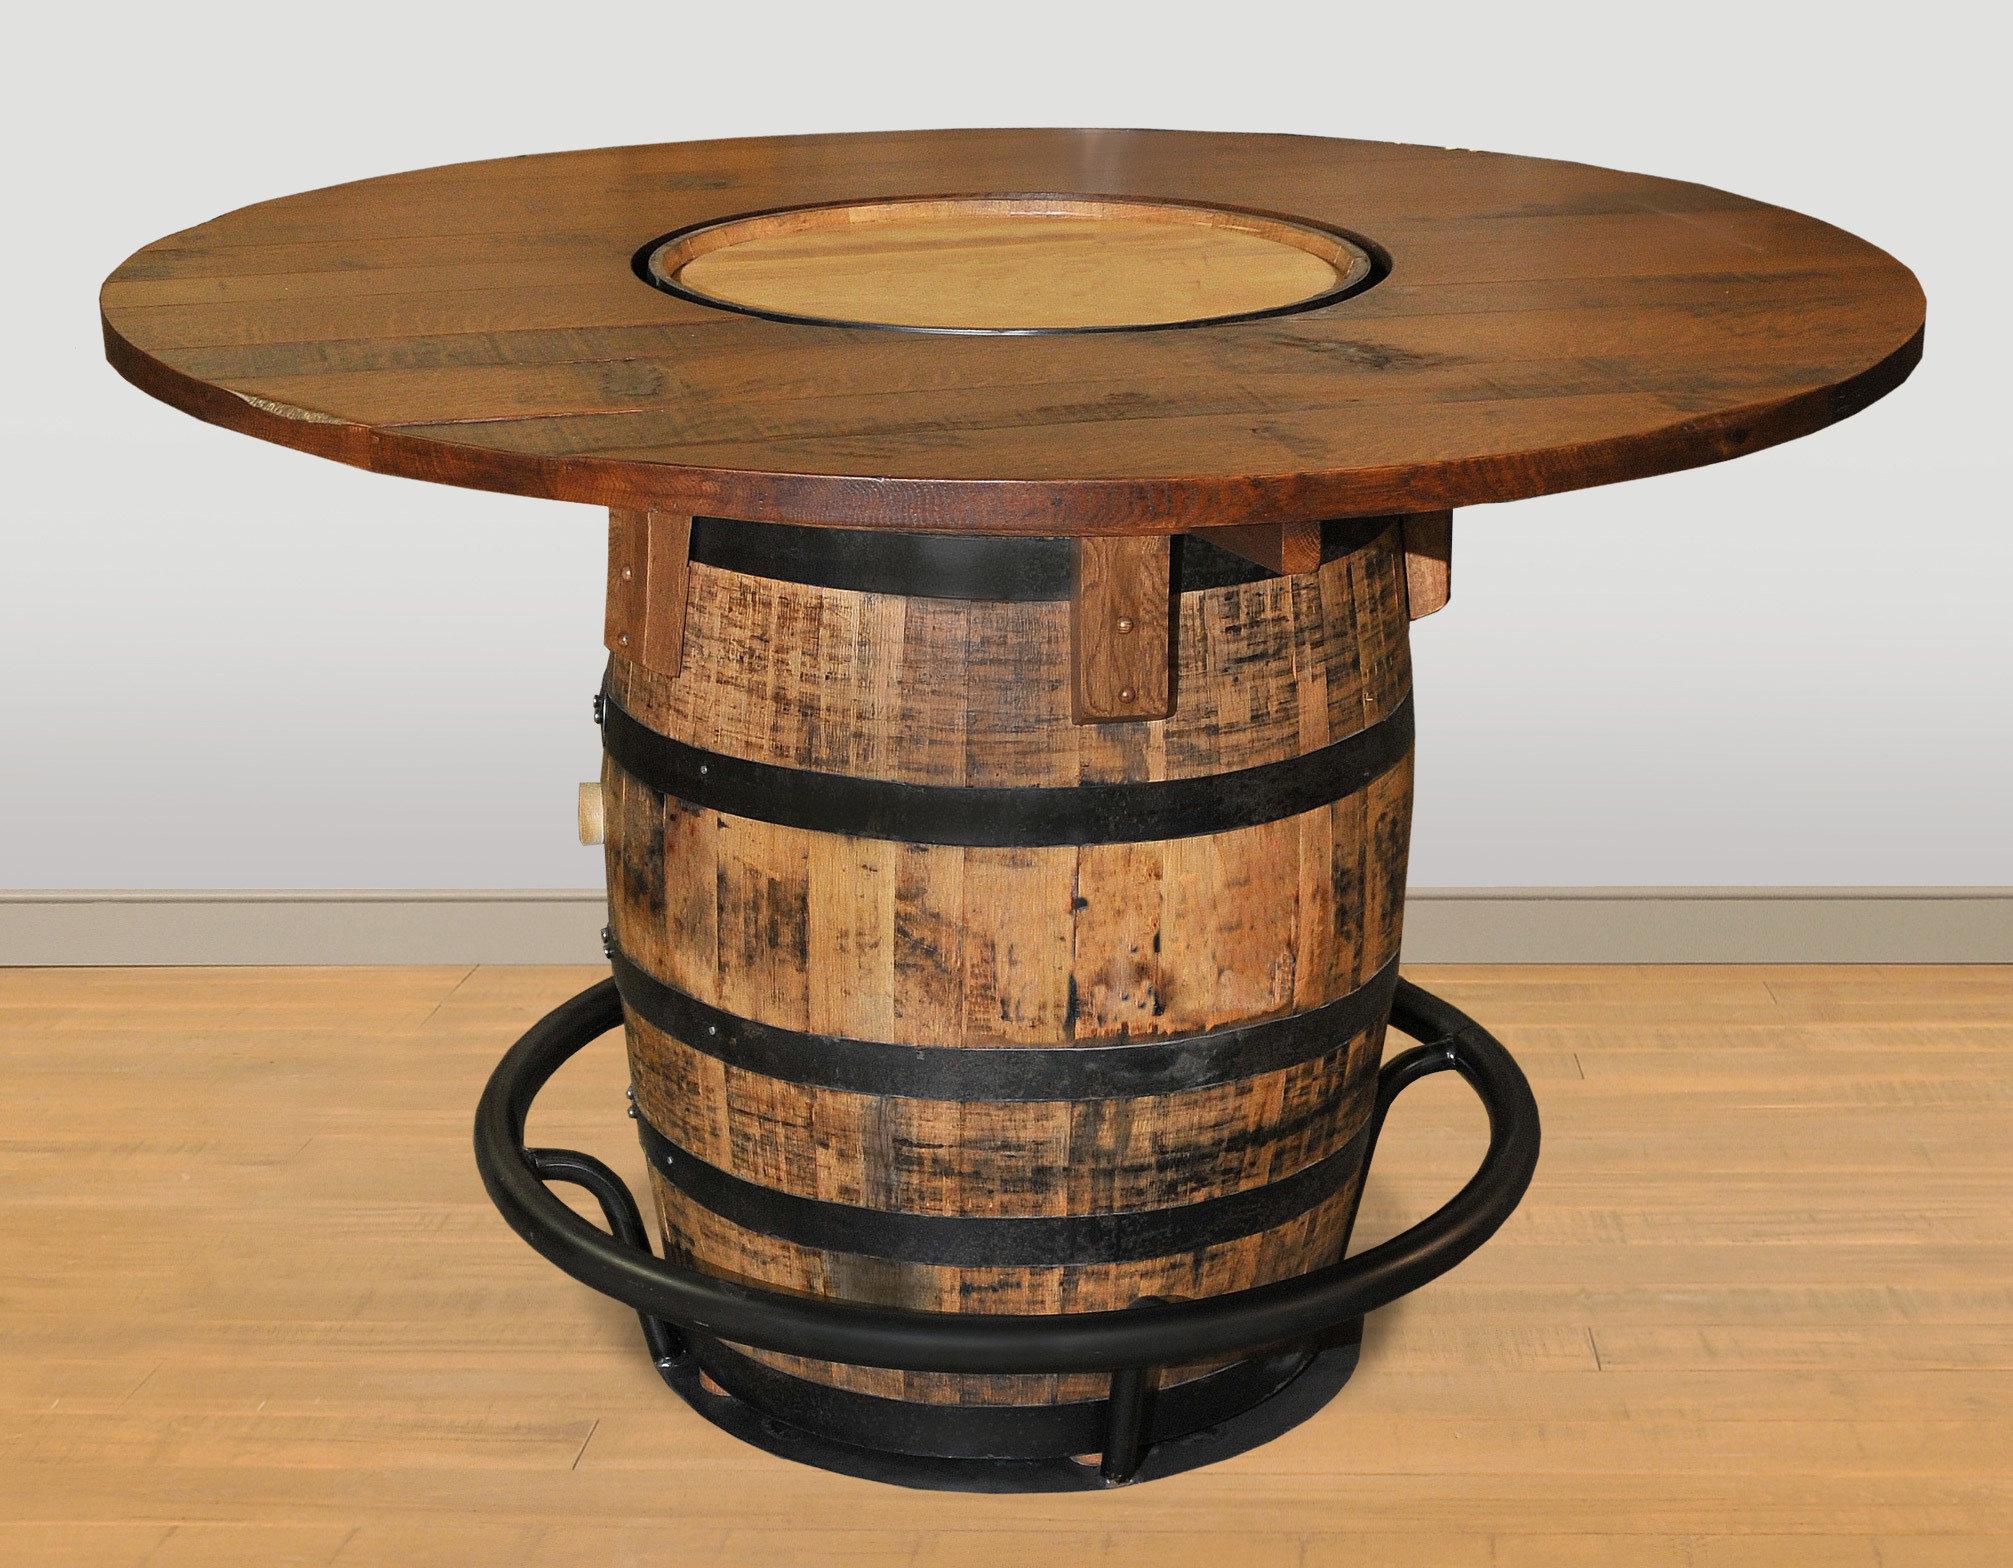 Whiskey Barrel Pub Table by Ruff Sawn jdpt5436